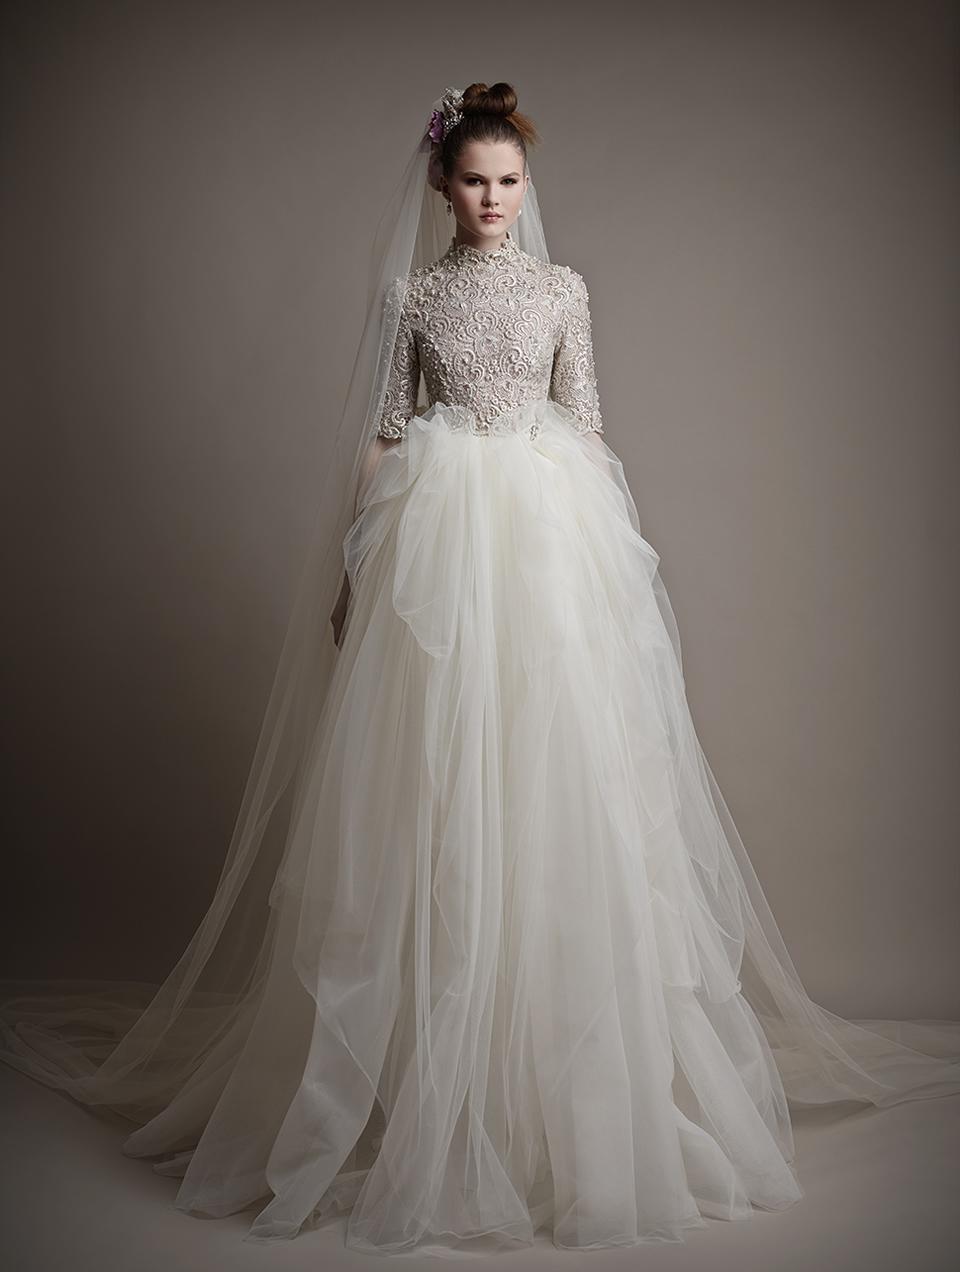 Коллекция свадебных платьев 2015 года от Ersa Atelier17